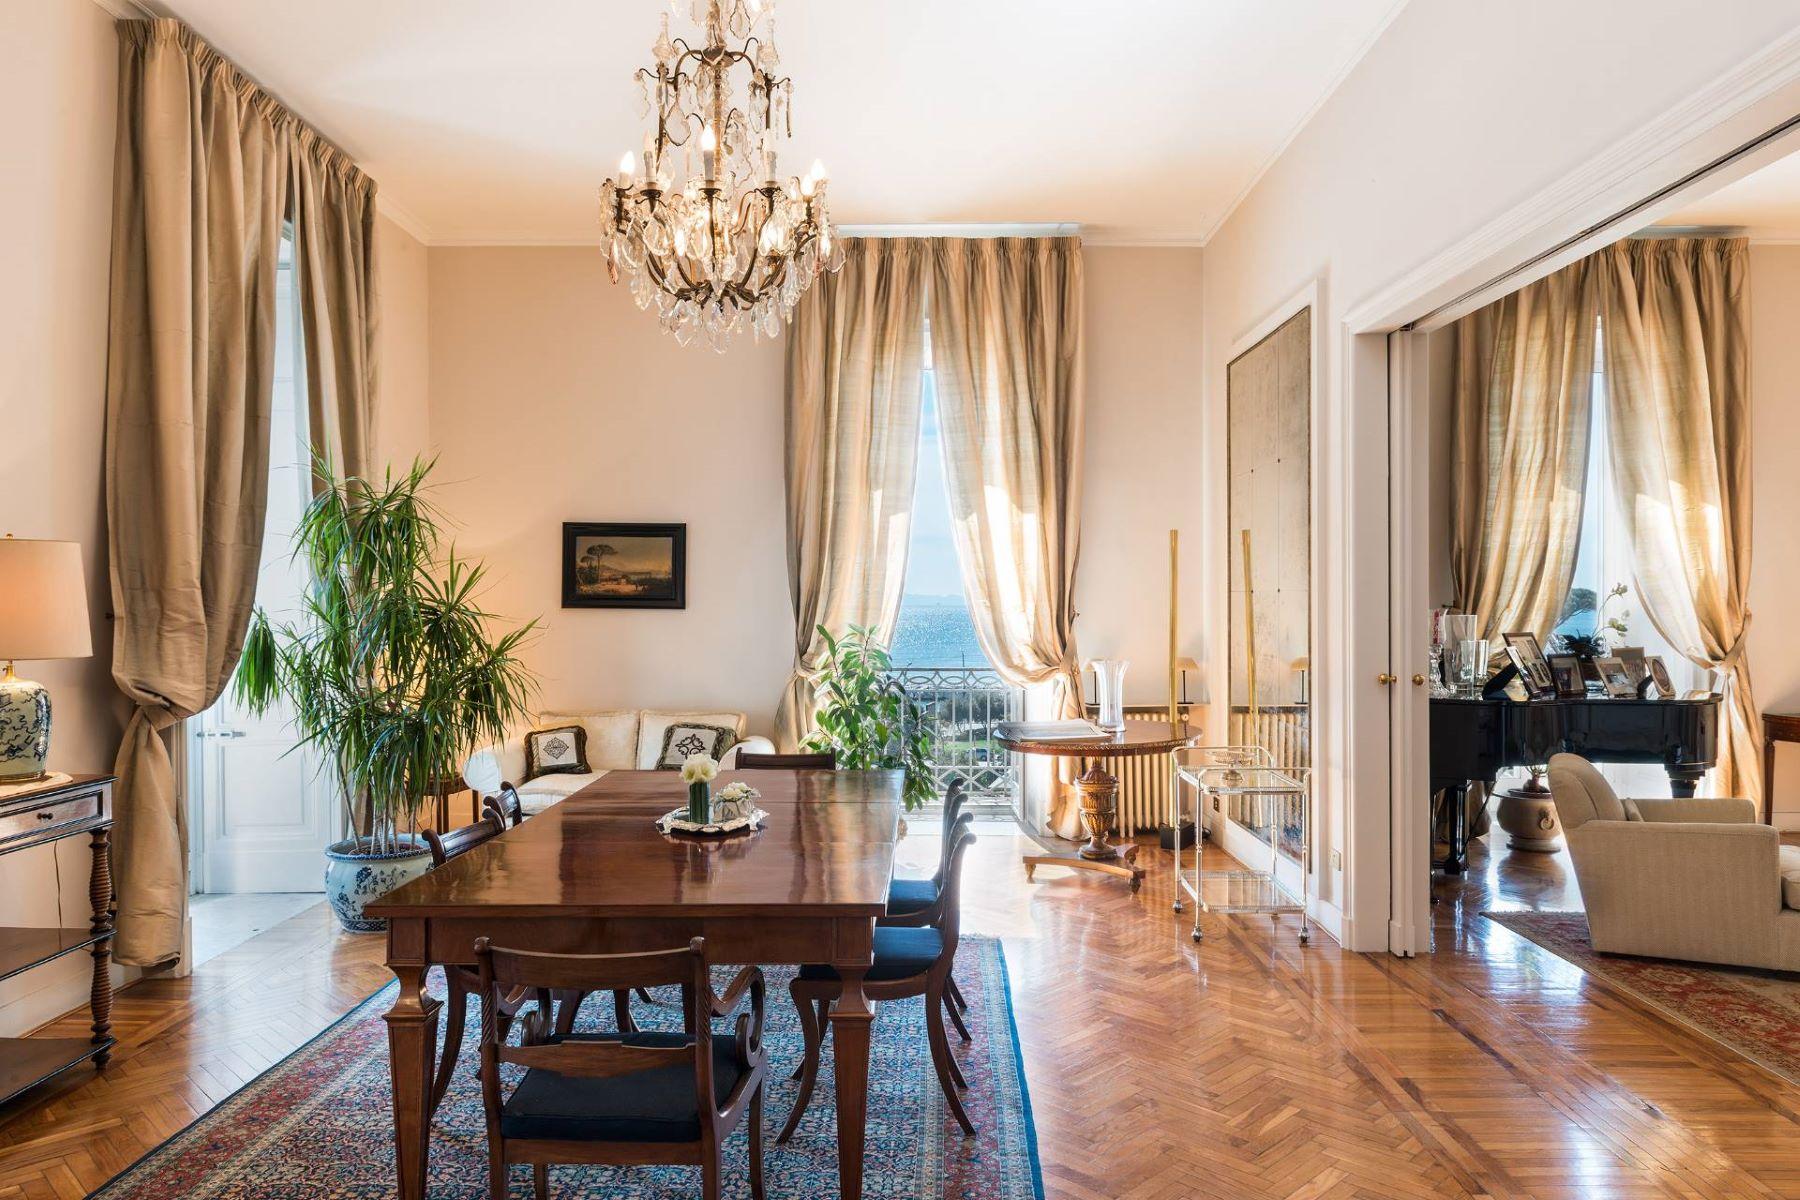 アパート のために 賃貸 アット Residential property for Rental in Napoli (Italy) Napoli, Naples, イタリア